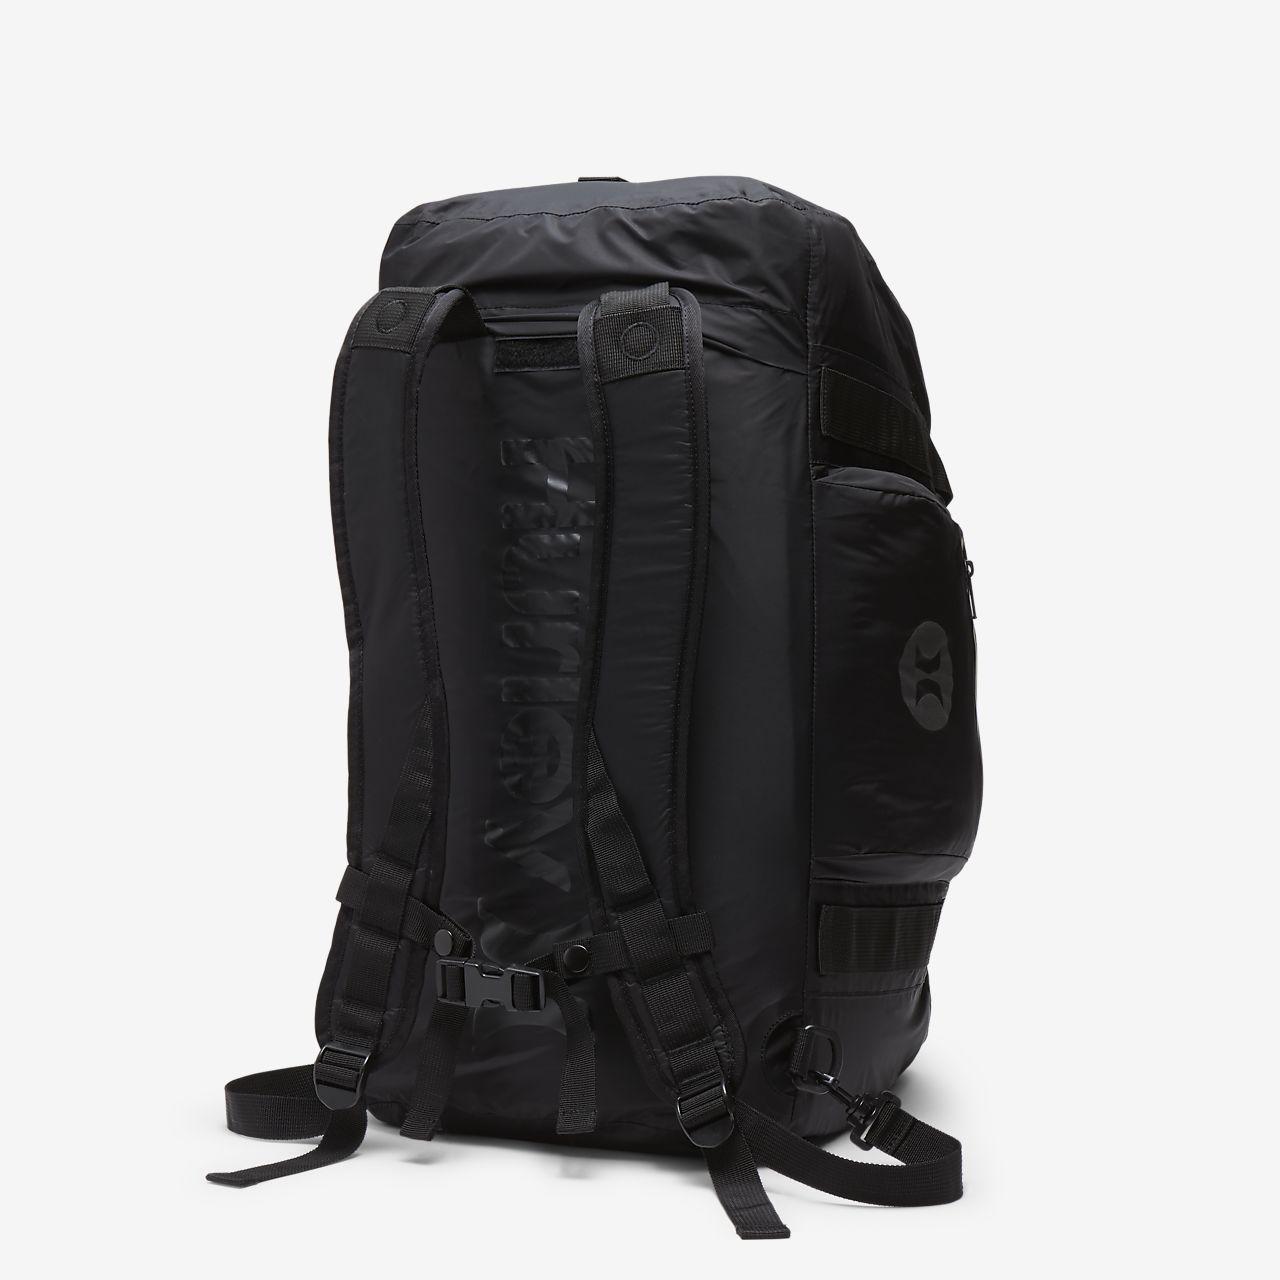 806a1e9457 Hurley Wet and Dry Duffel Bag. Nike.com